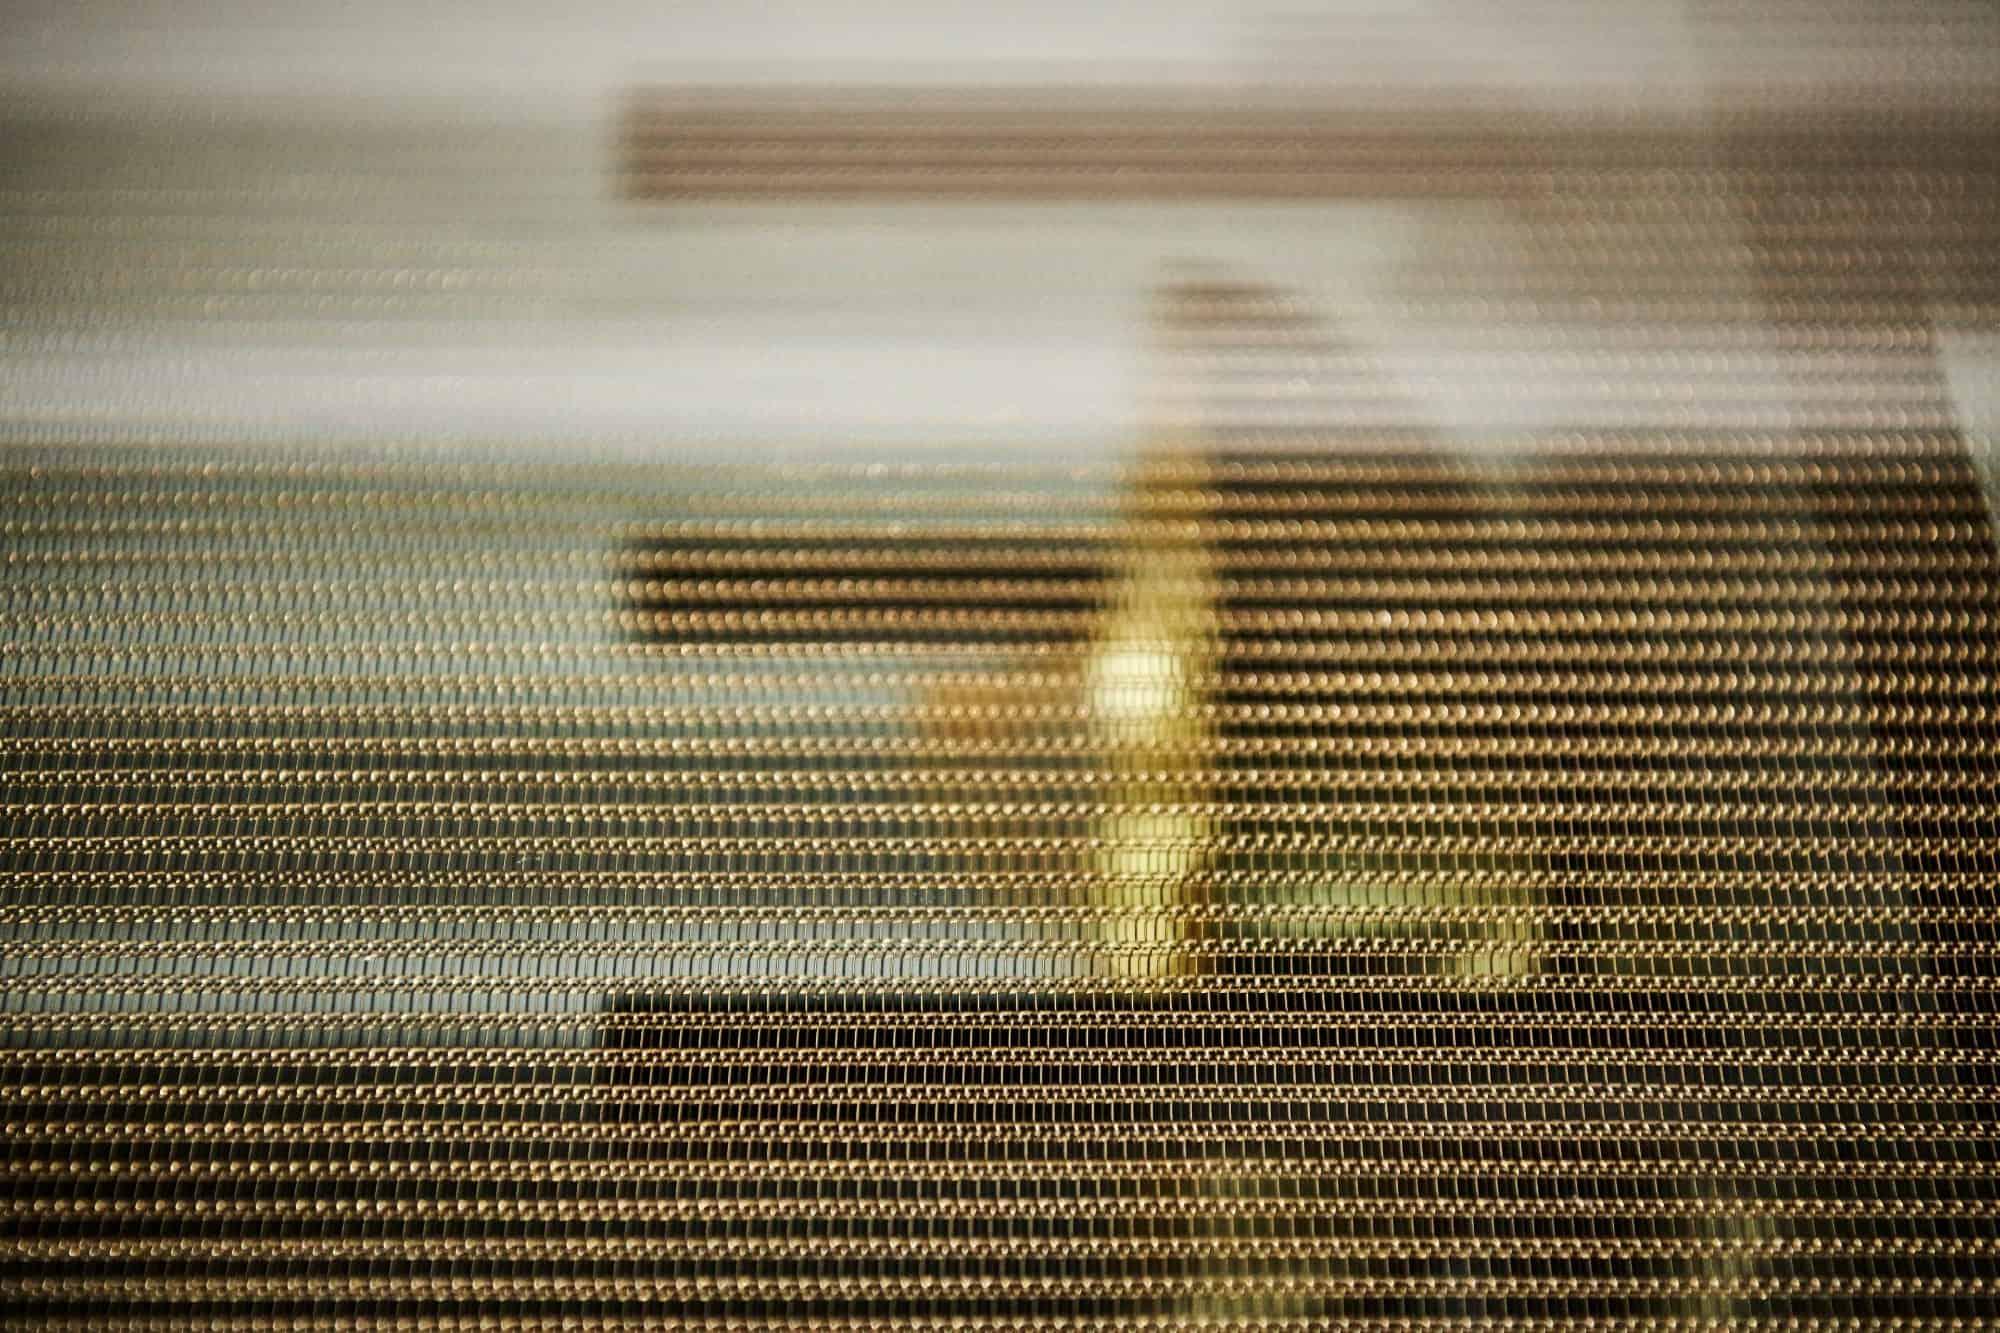 eggersmann' interlink bronze finish is bronzed steel link chains embedded in glass